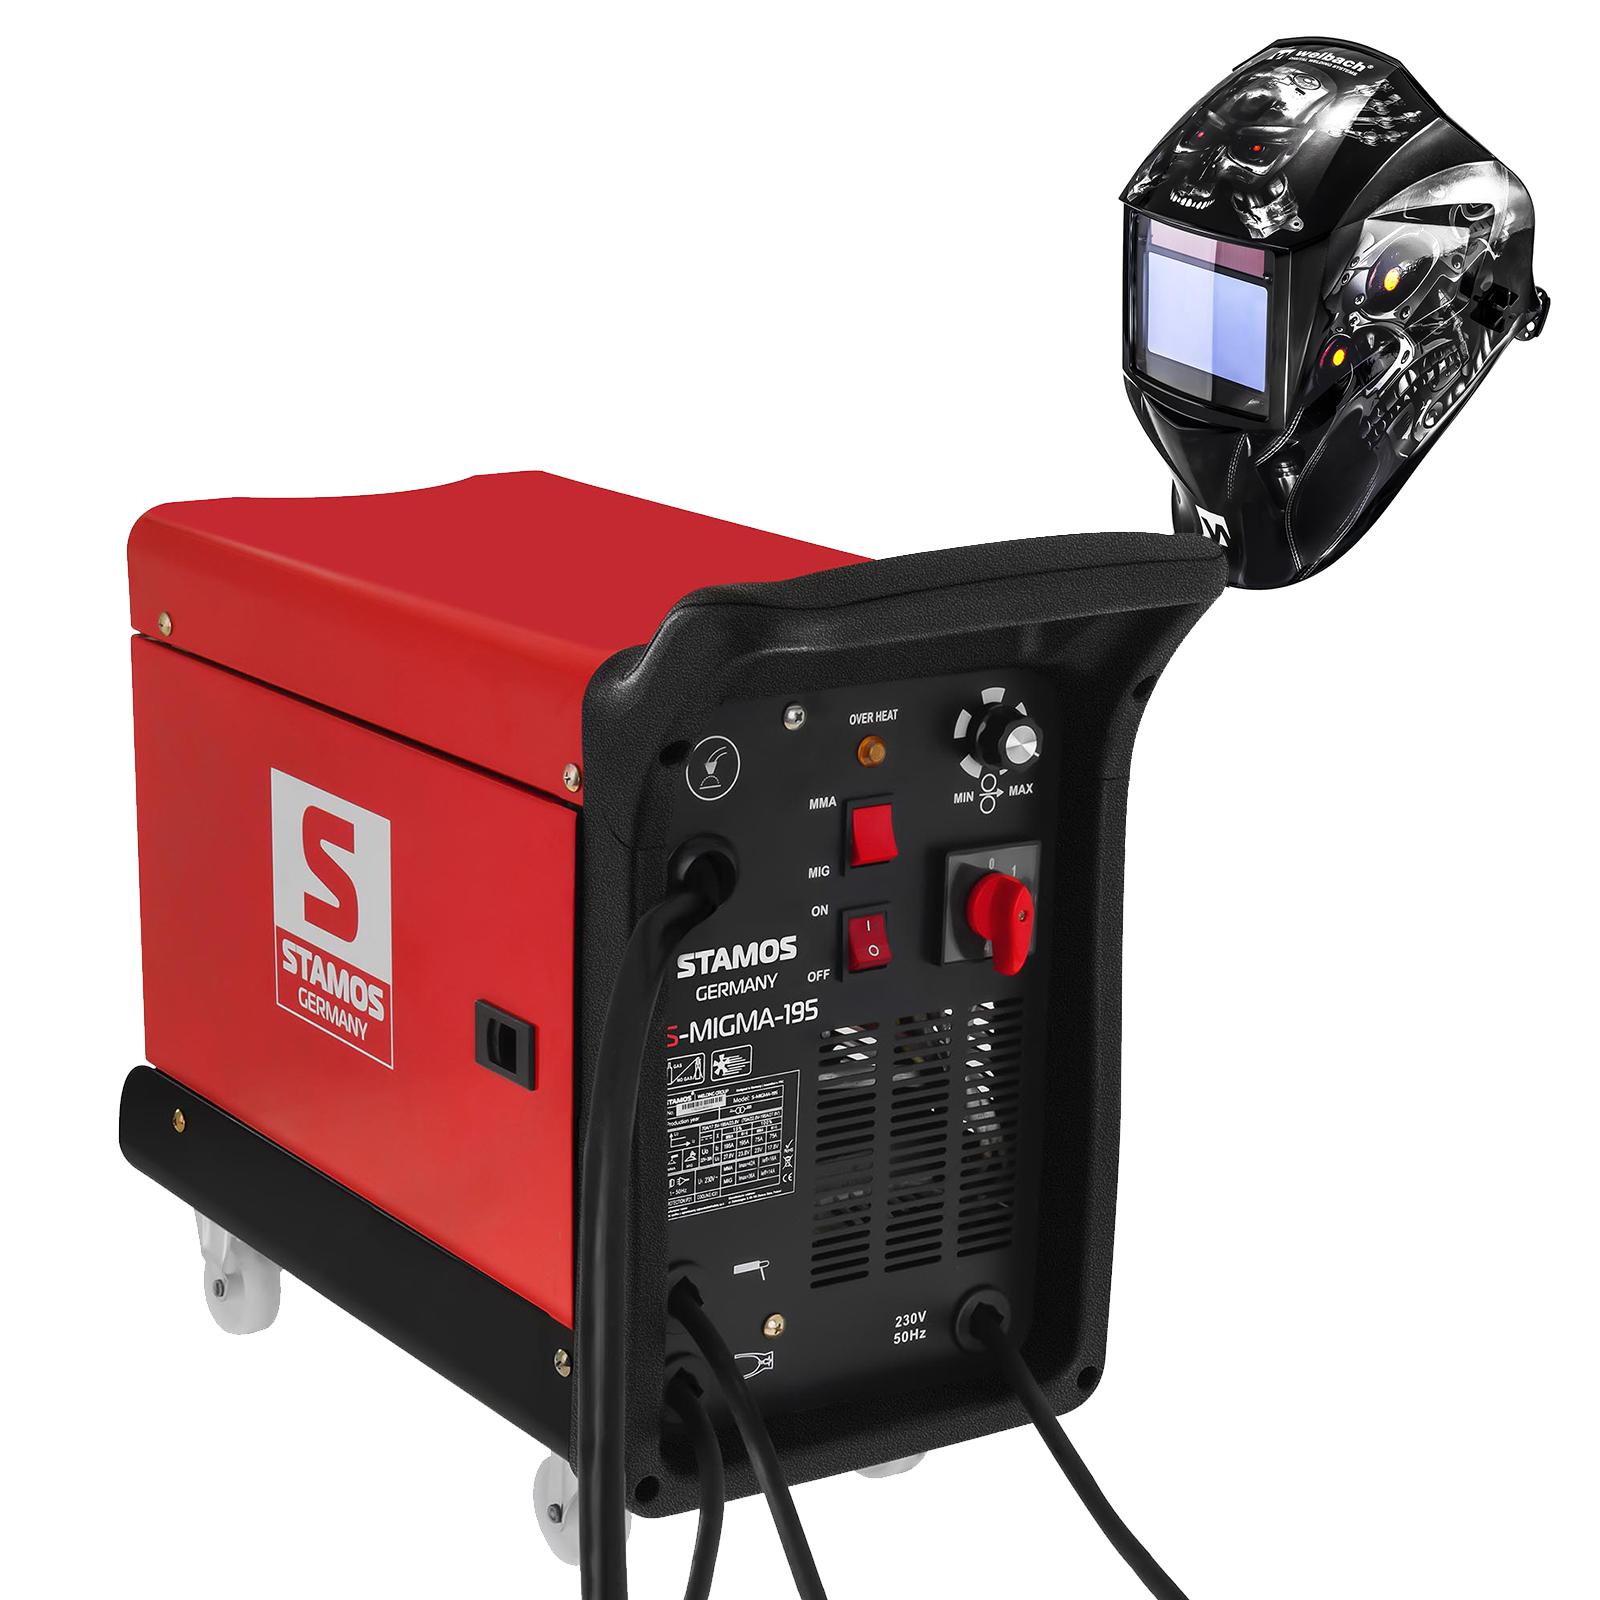 Stamos Germany Schweißset Kombi-Schweißgerät - 195 A - 230 V - tragbar + Schweißhelm – Metalator